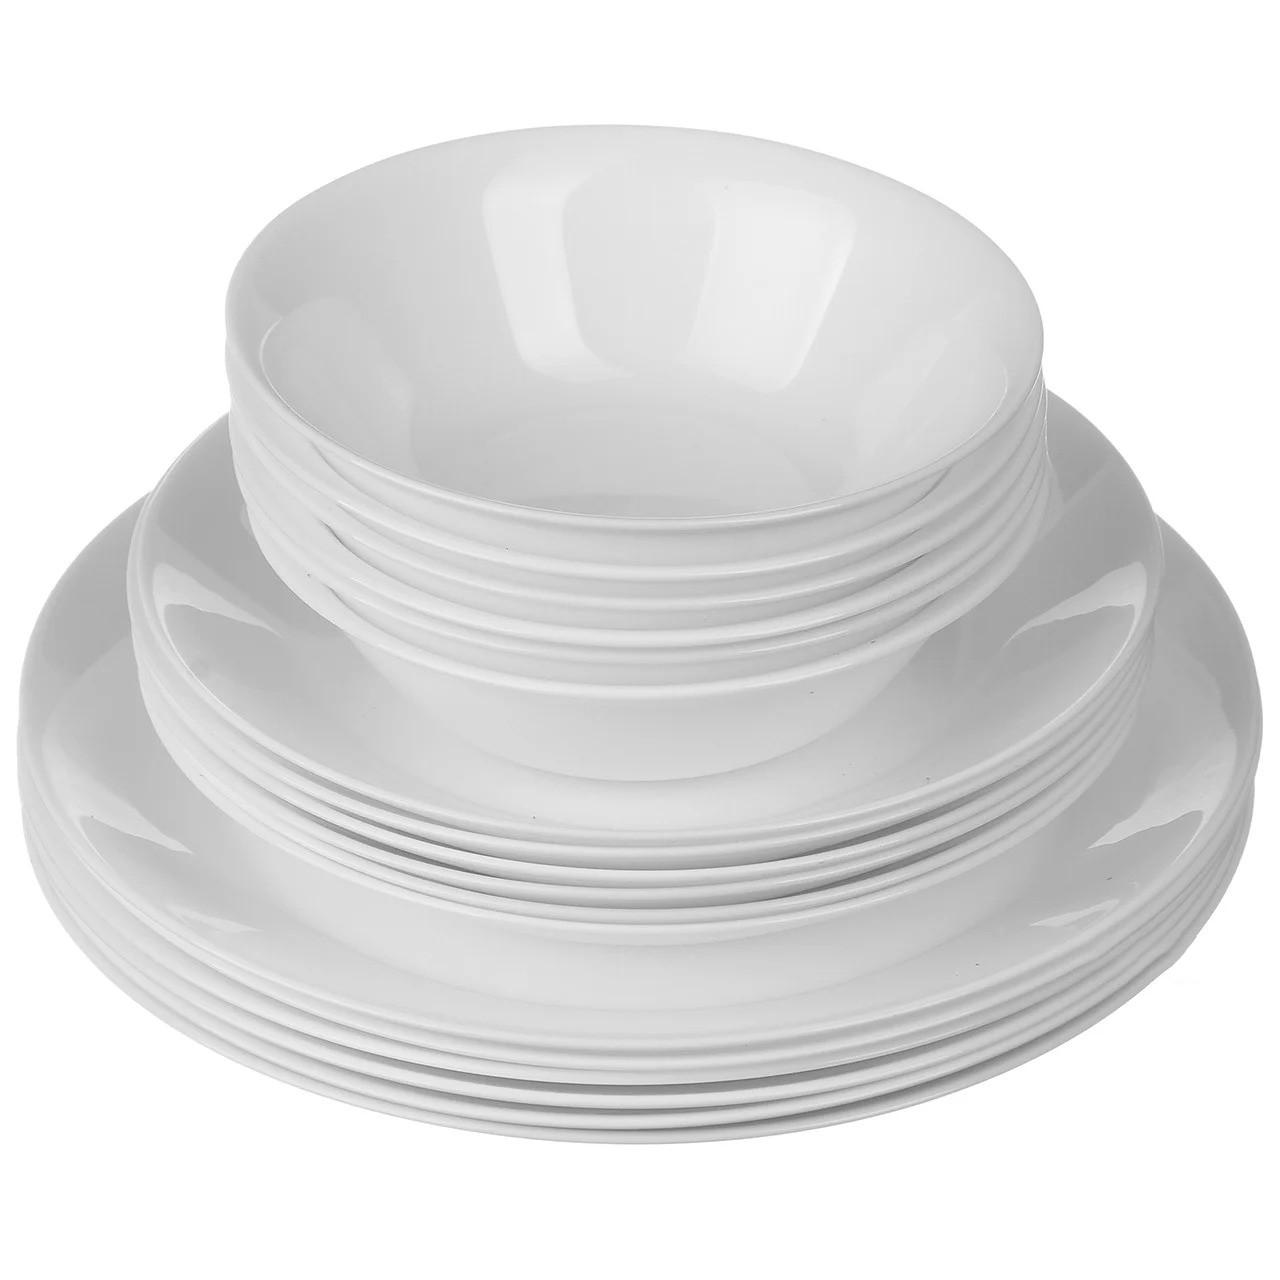 Сервиз обеденный столовый A-PLUS 18 предметов круглый на 6 персон